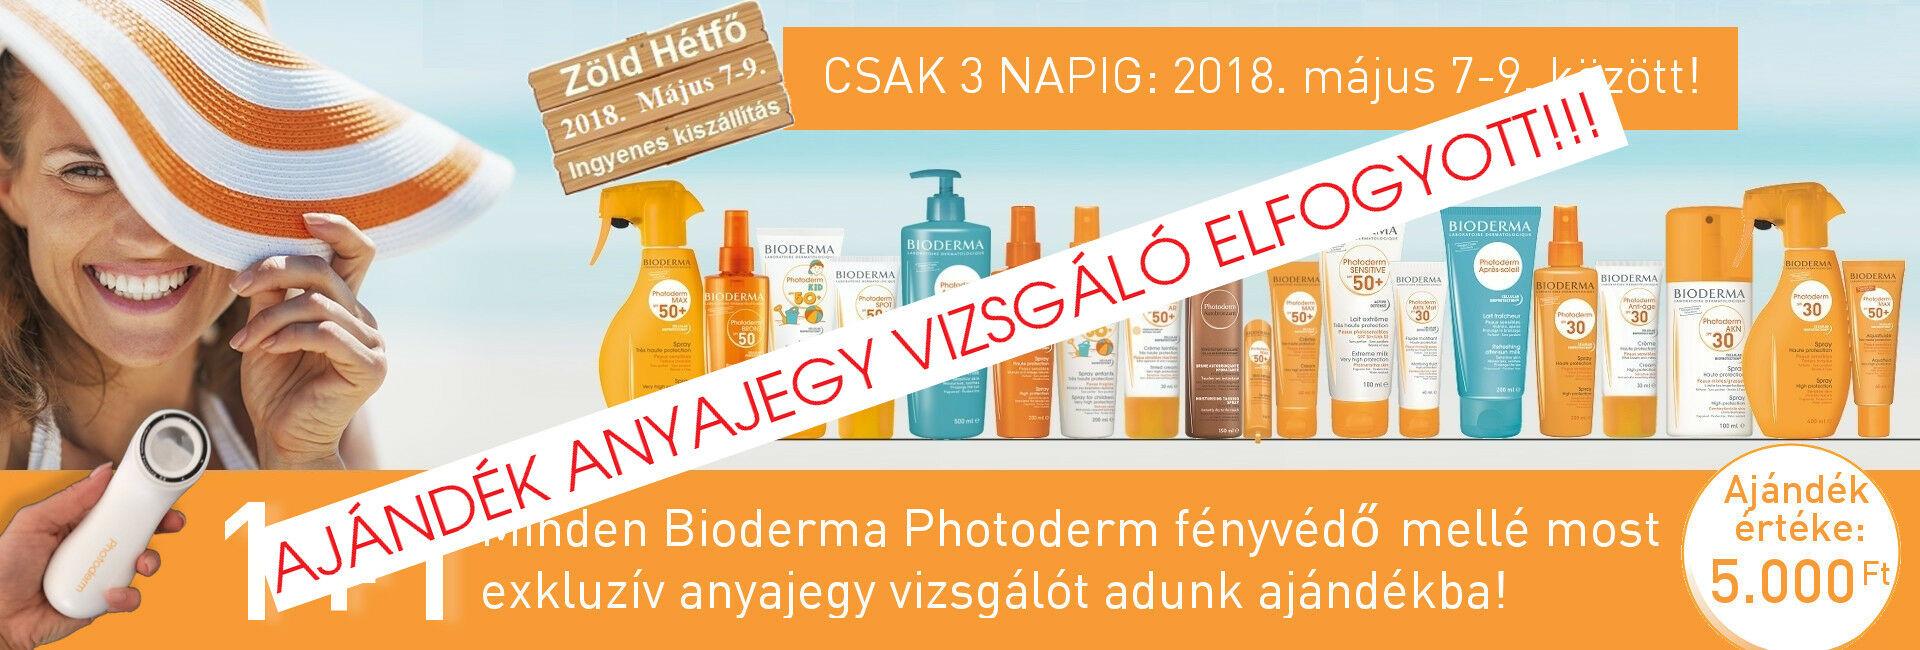 2018. május 7-9. között minden Bioderma Photoderm fényvédő mellé ajándékba adunk 1db exkluzív Bioderma Photoderm anyajegyvizsgálót!